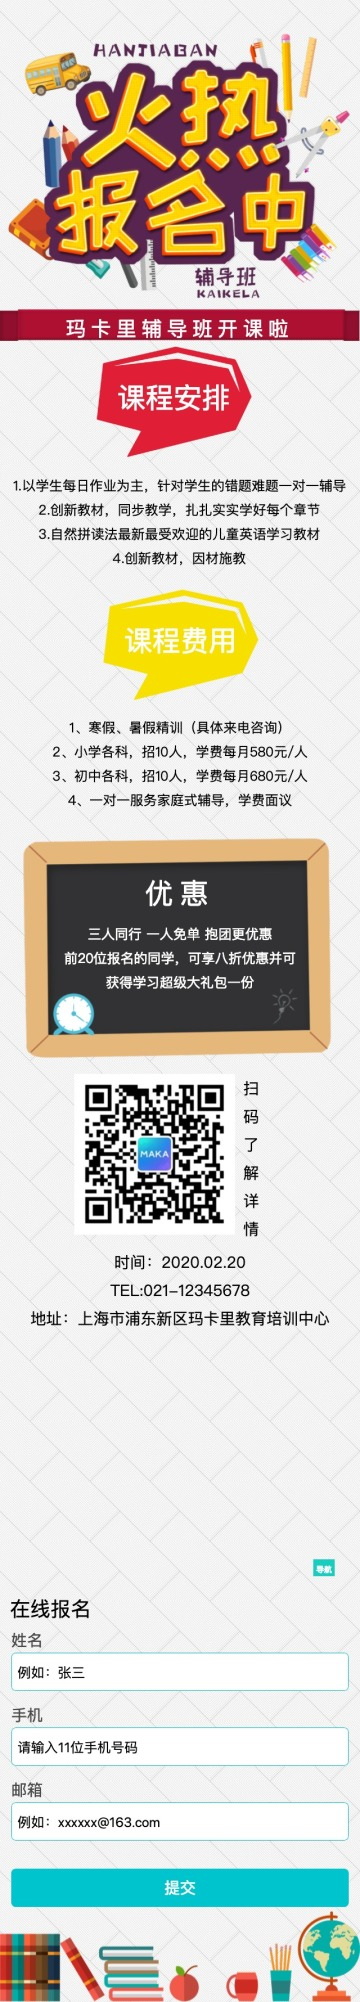 清新简约招生培训单页宣传活动推广